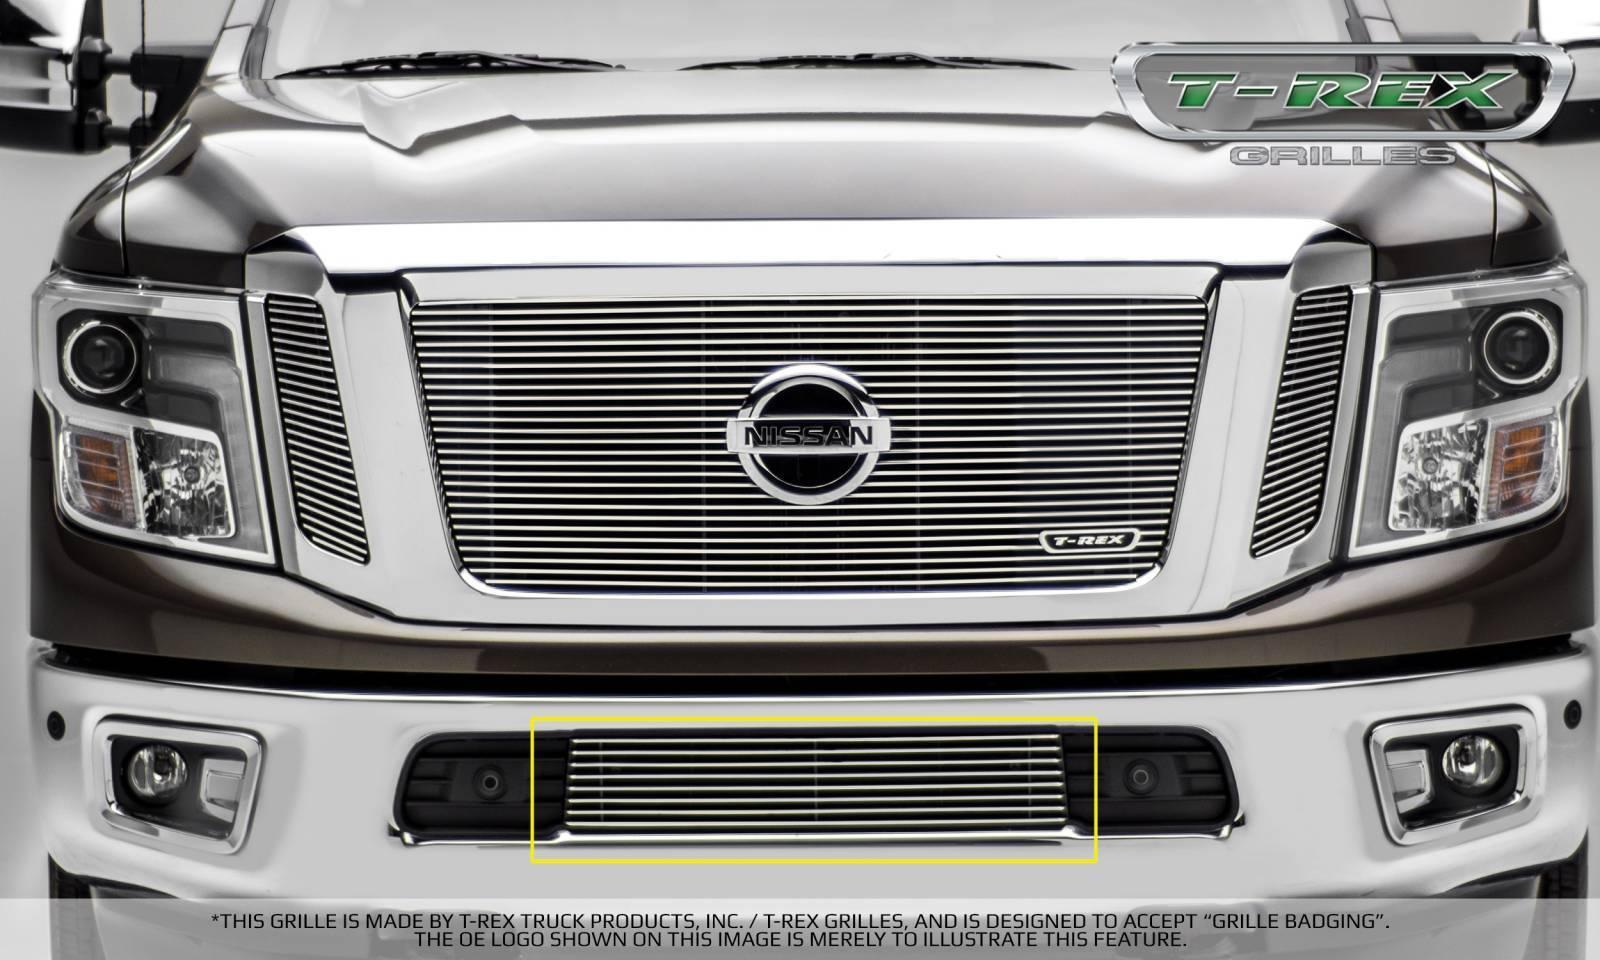 T-REX Grilles - Nissan Titan - Billet Series - Bumper Grille Overlay - Polished - Pt # 25785